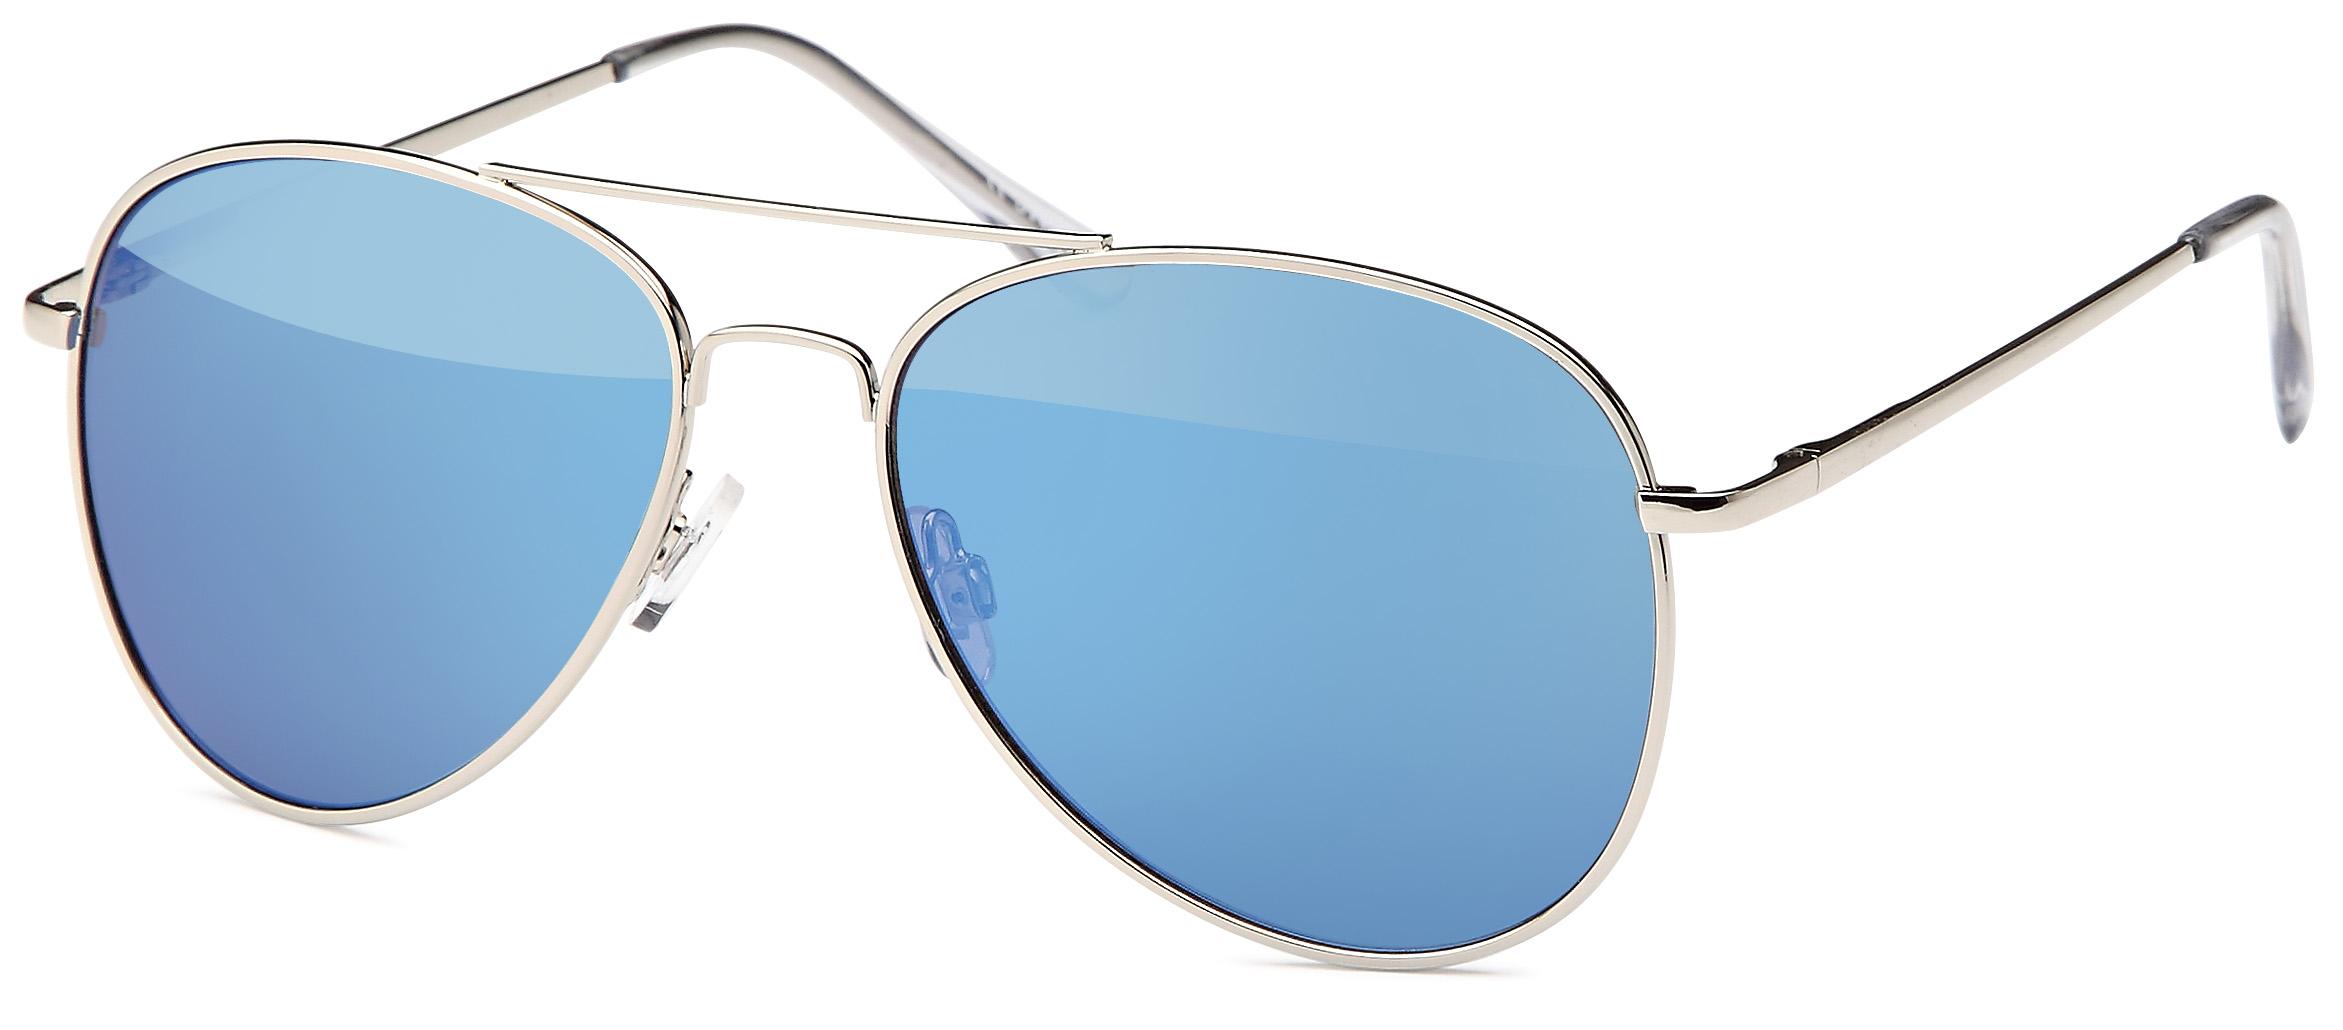 Sonnenbrille B709